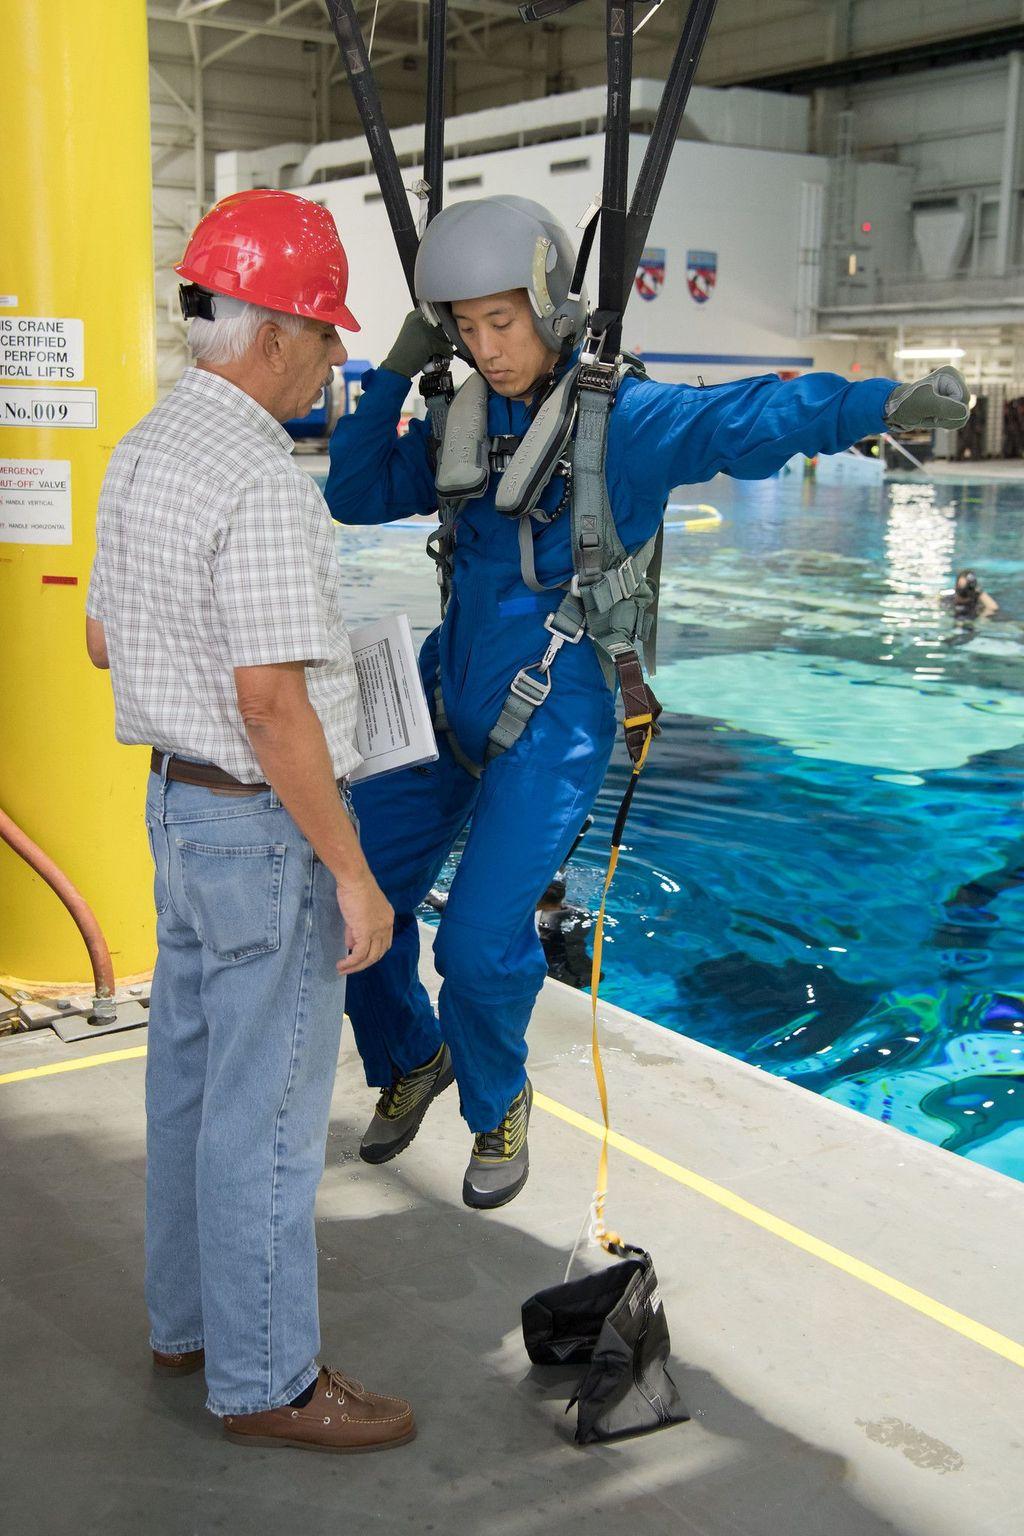 Mereka mengikuti latihan bersama dua calon astronot lainnya dari Badan Antariksa Kanada (CAS). Foto: NASA/David DeHoyos